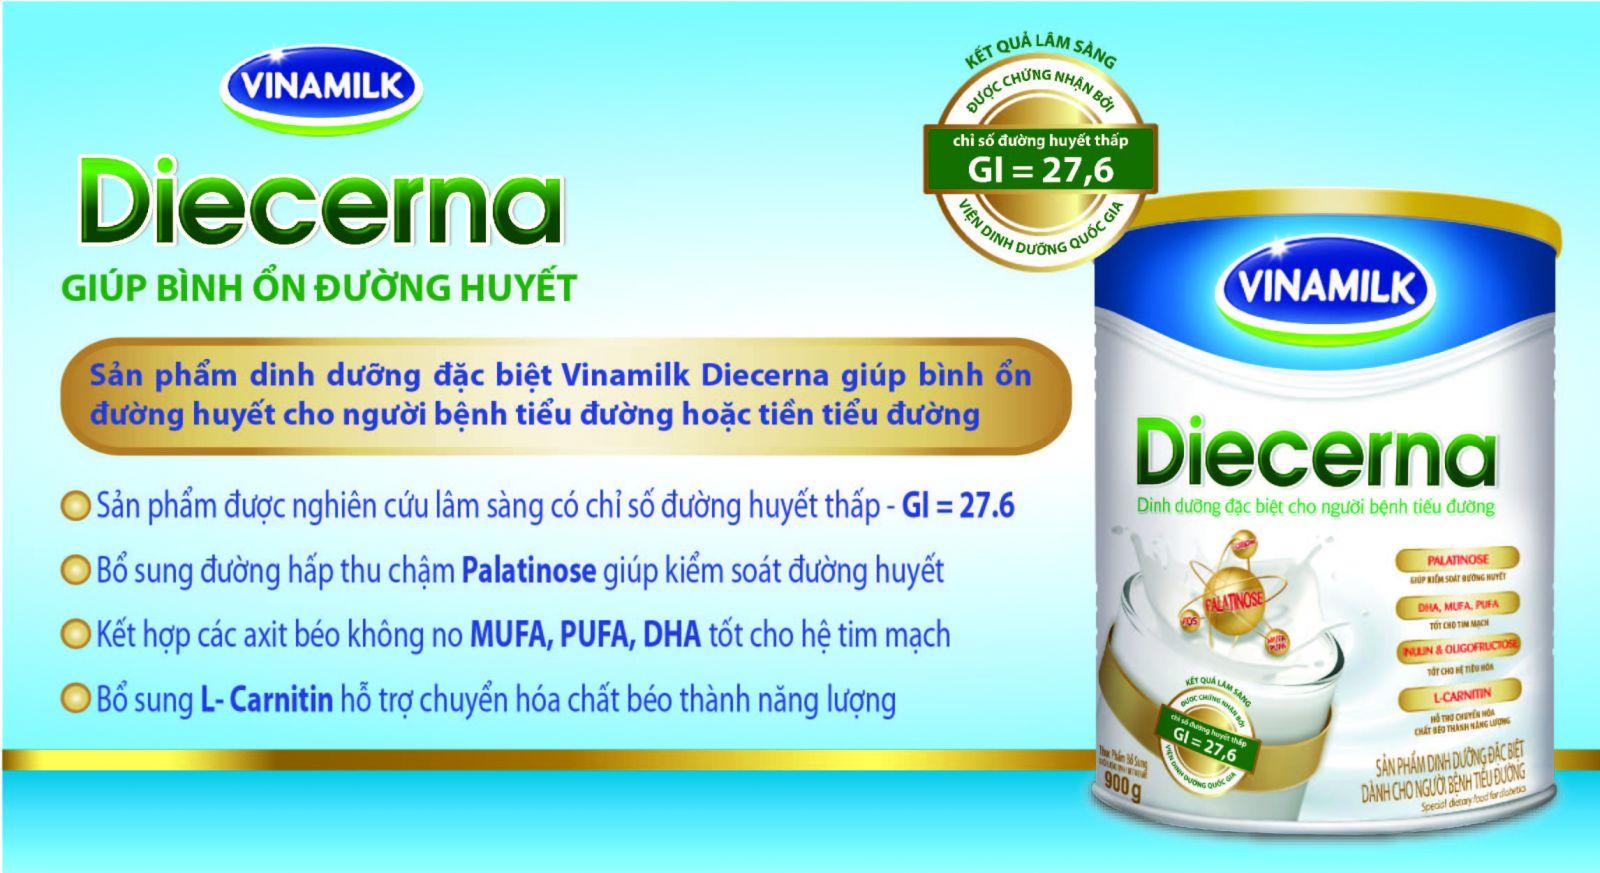 Sữa Diecerna 900g giúp kiểm soát đường huyết tốt nhất